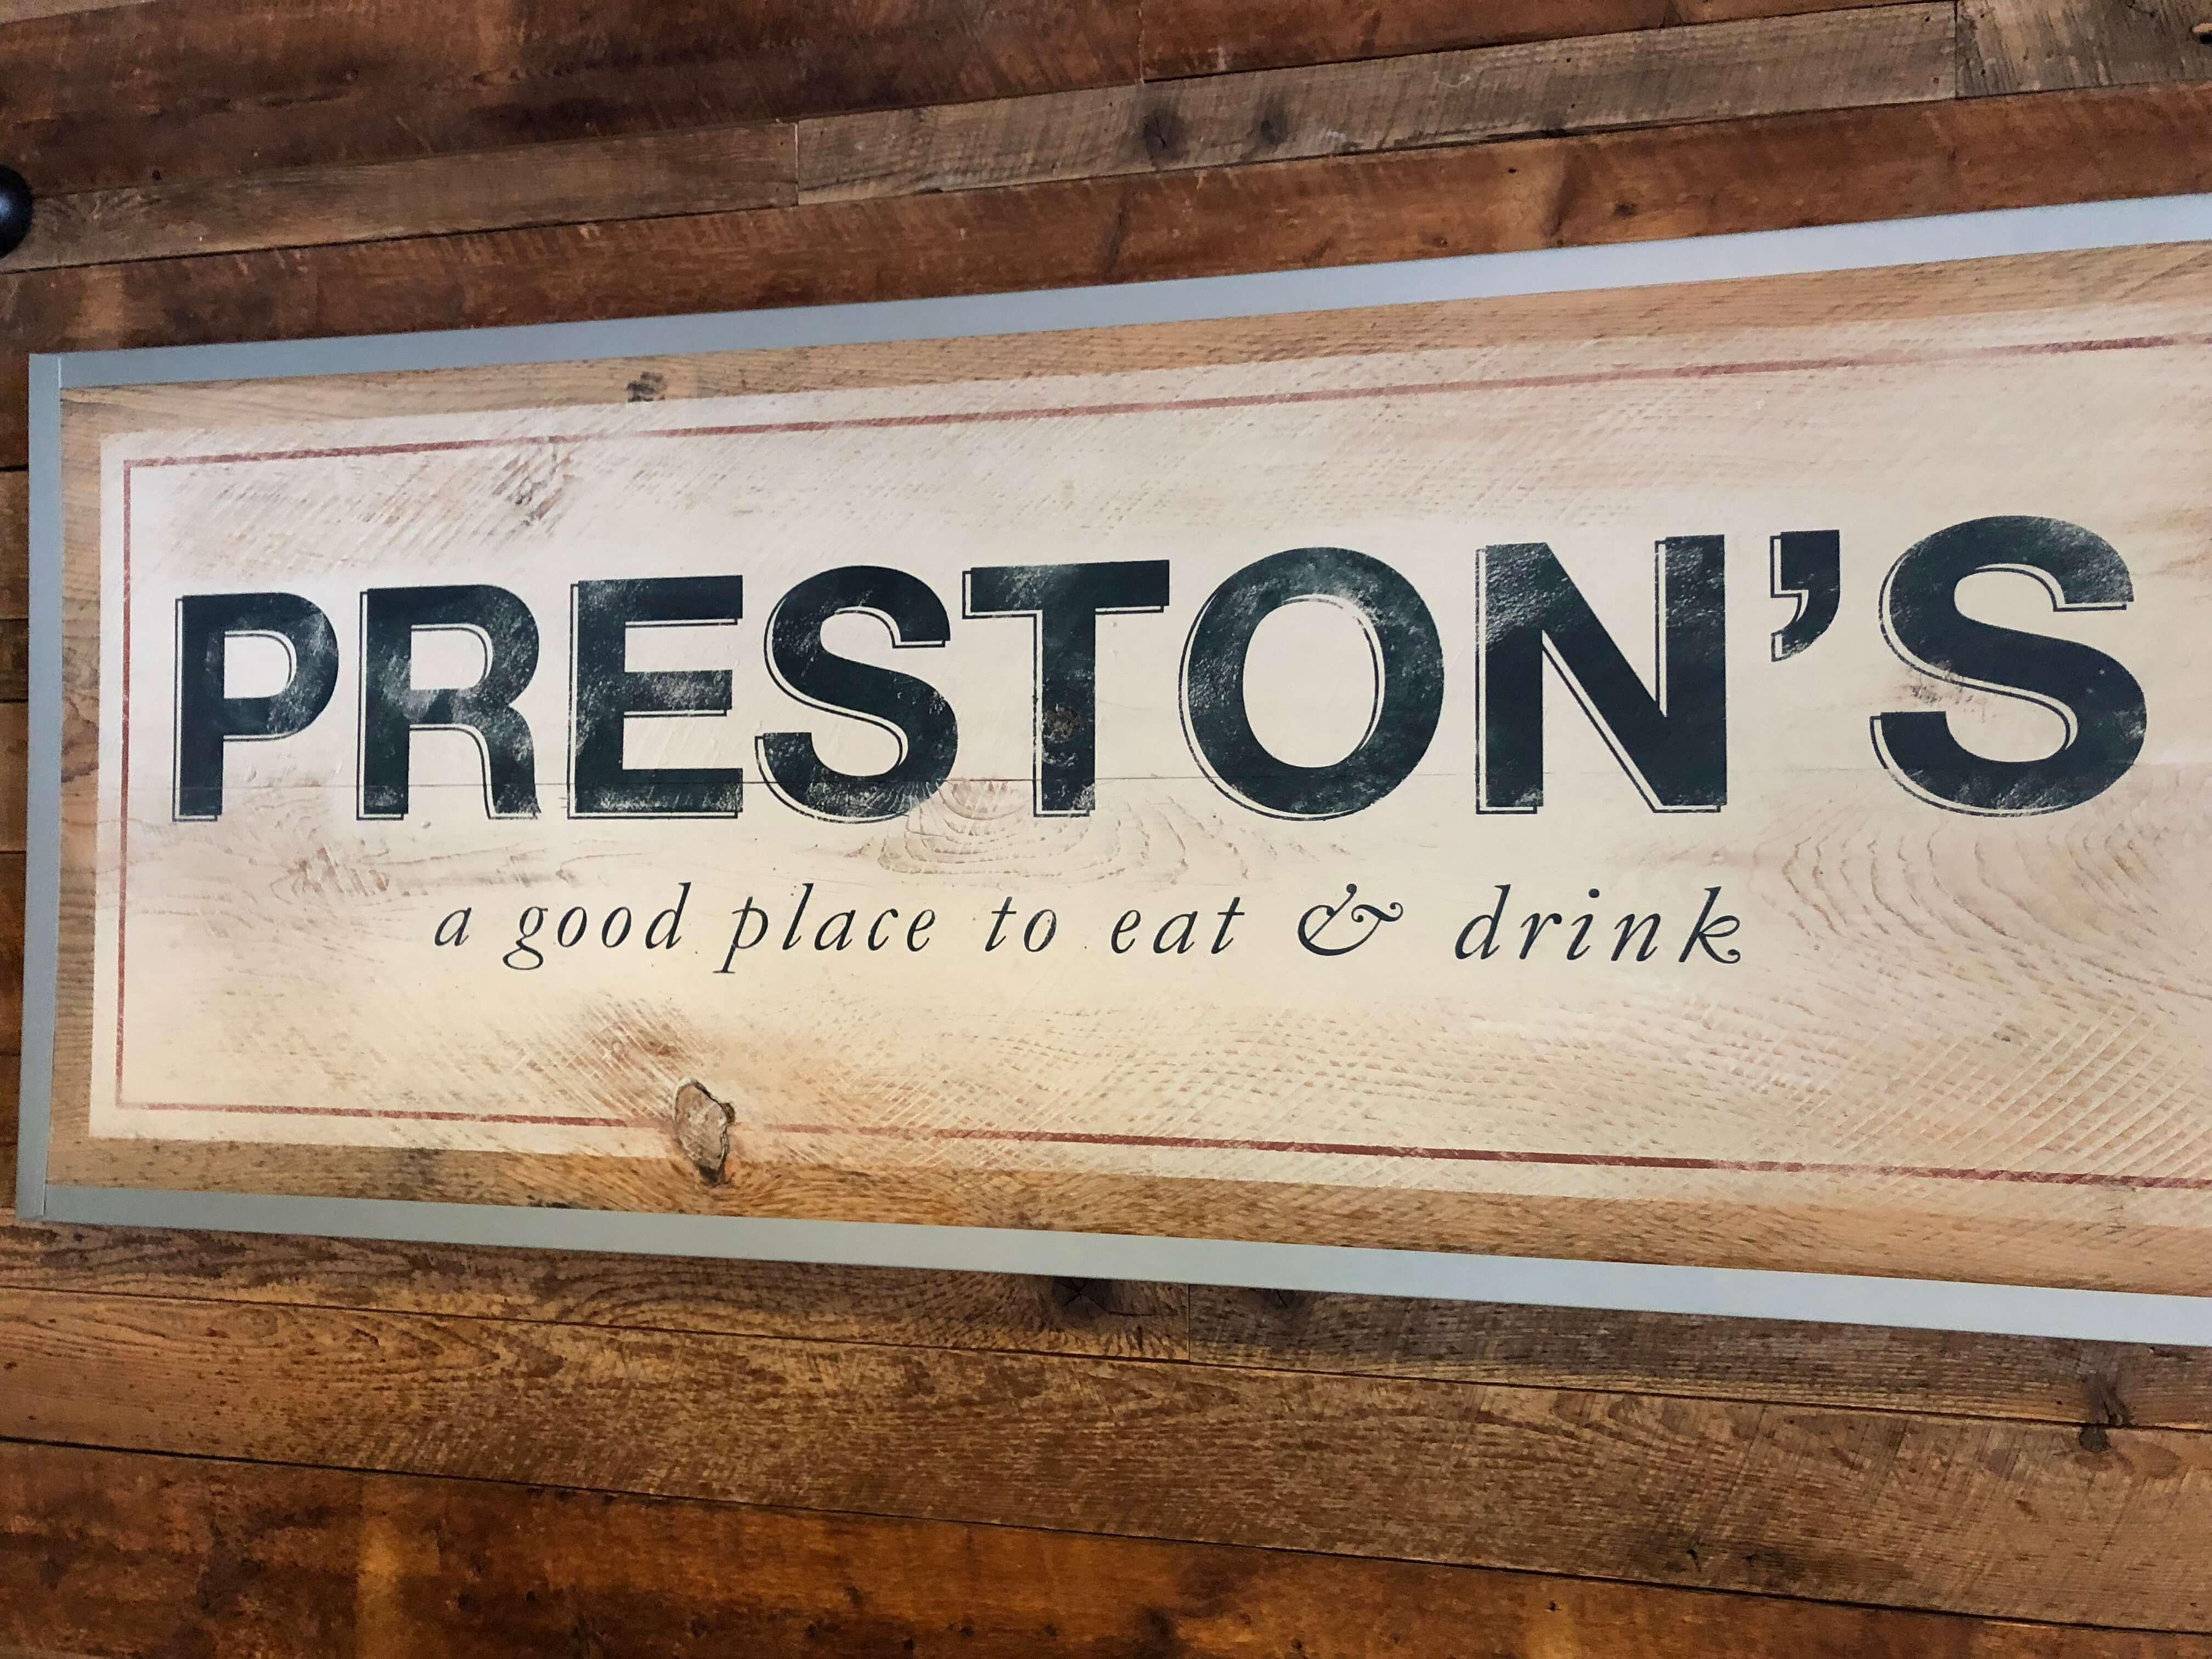 Killington Resort learn to ski program preston's for lunch